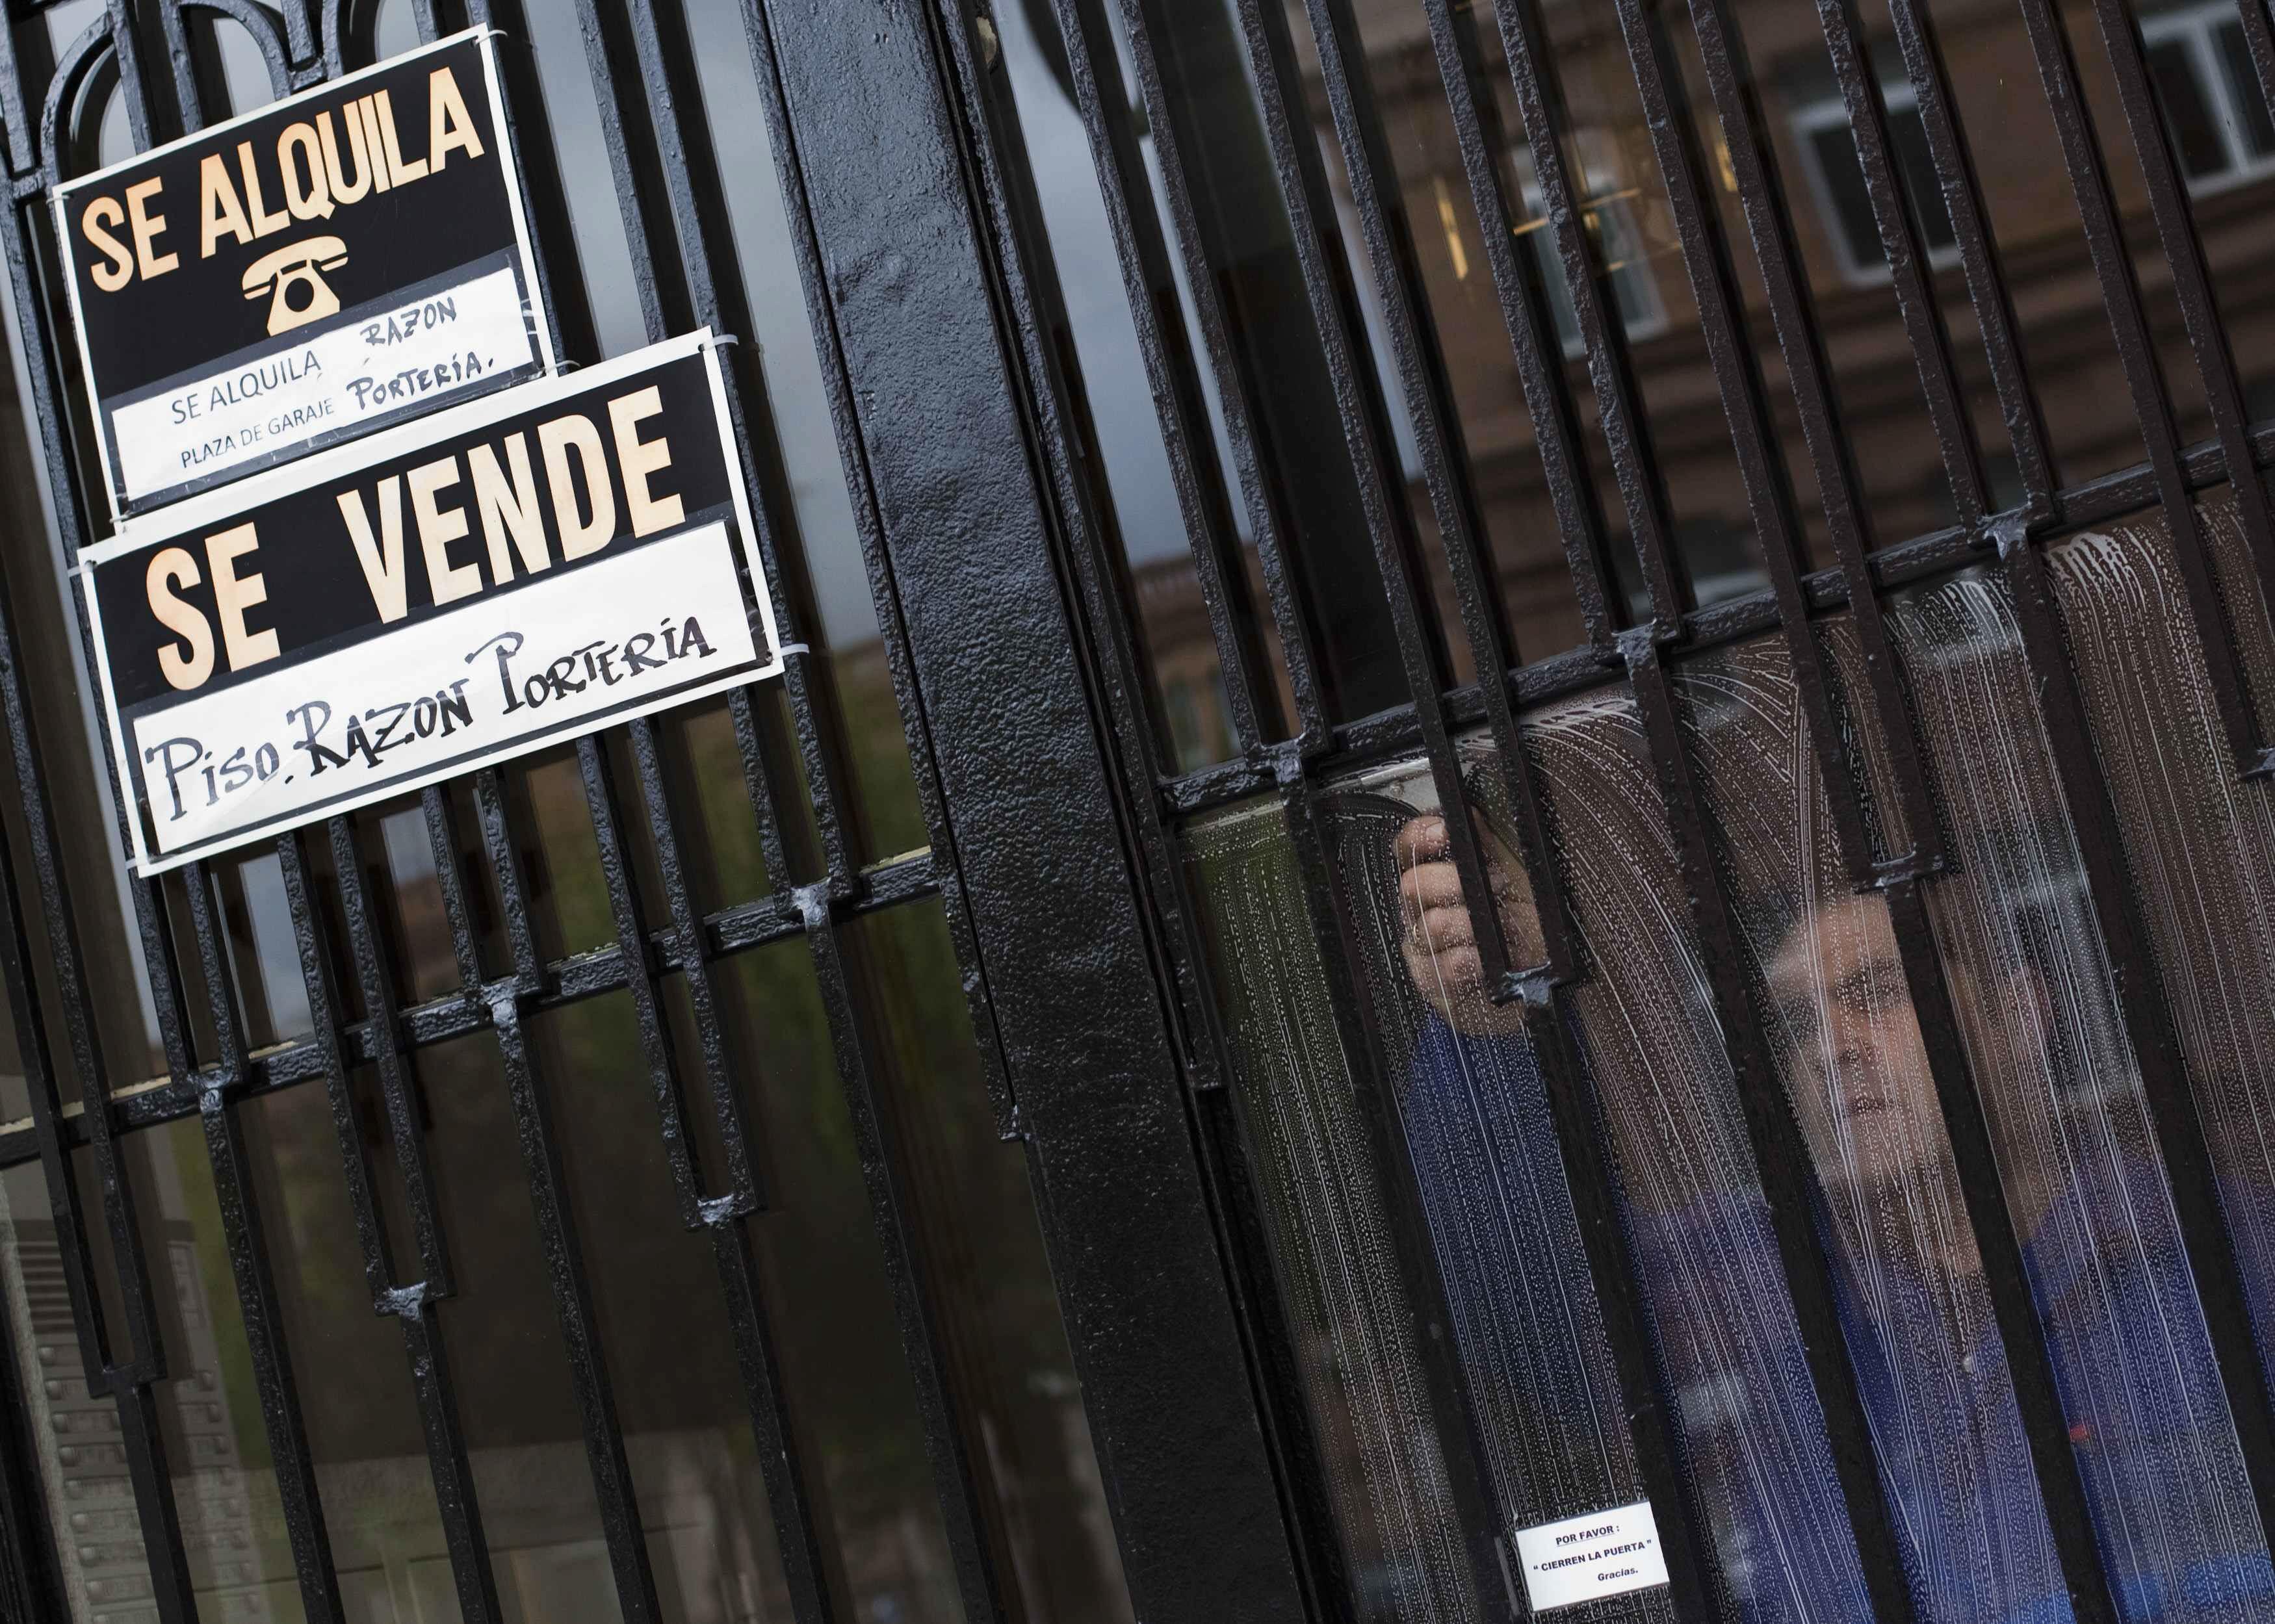 Los pisos vascos tienen el precio por metro cuadrado más caro de España